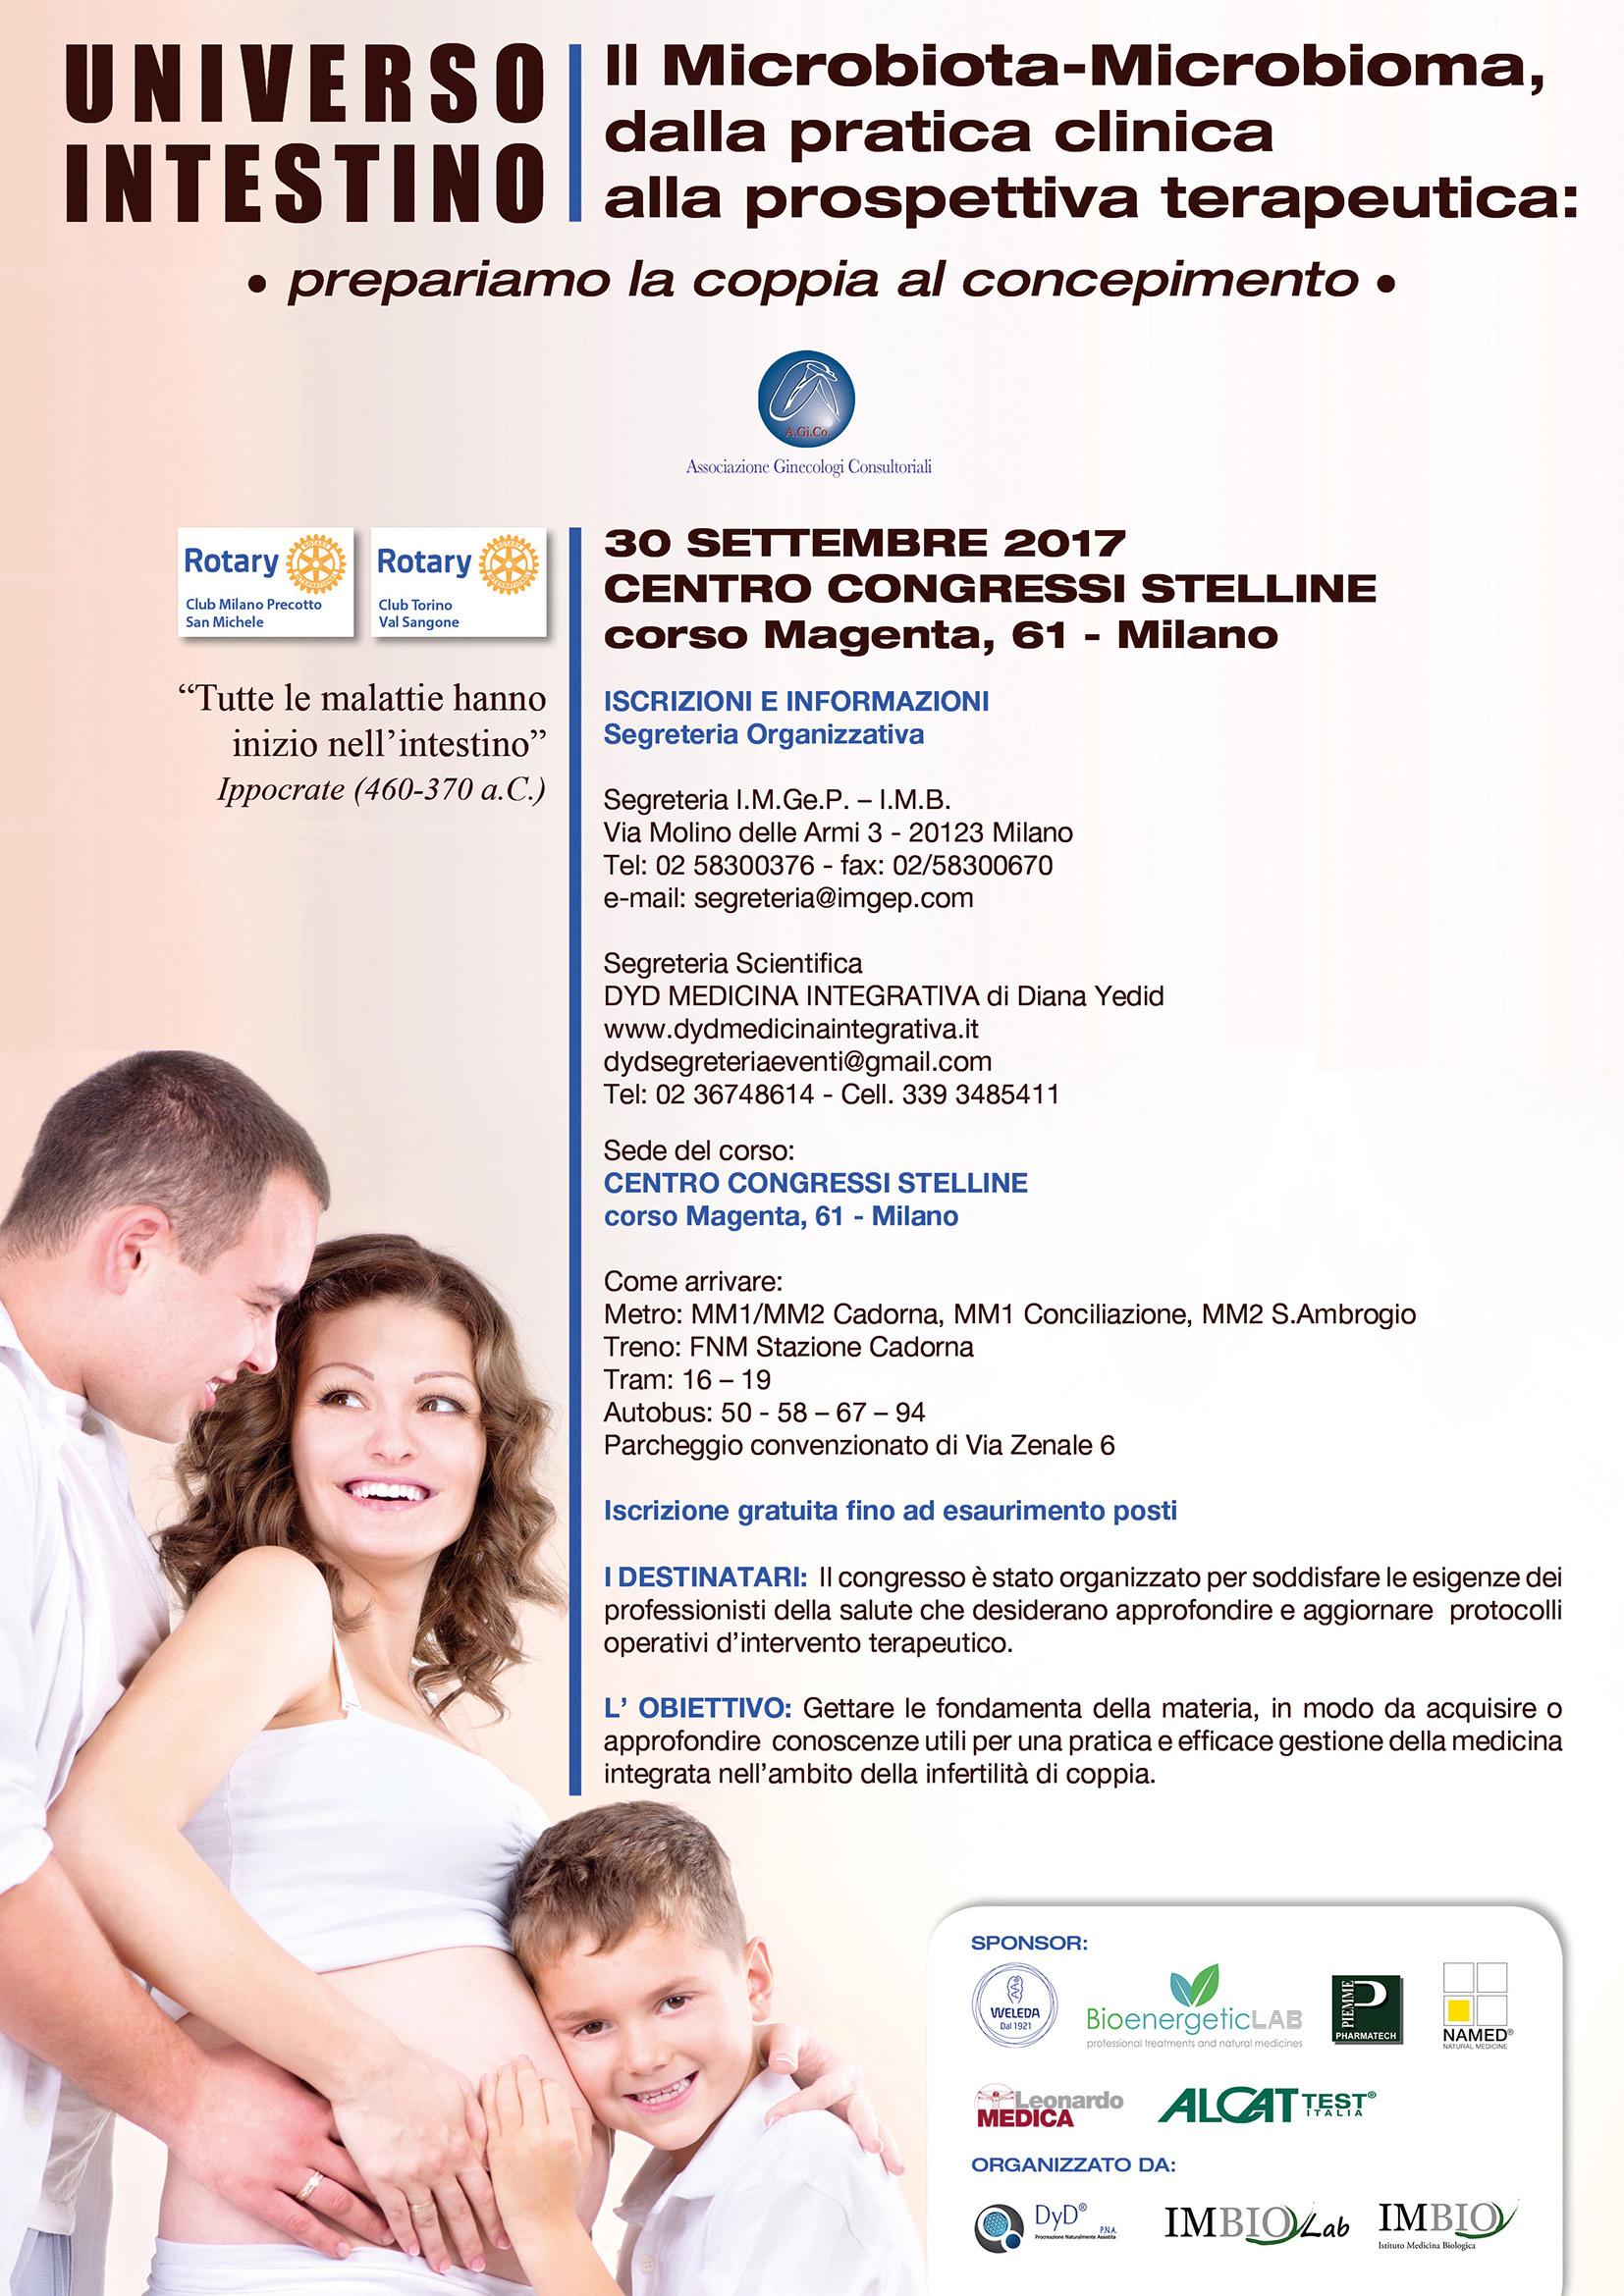 Congresso 30 Settembre Milano UNIVERSO INTESTINO